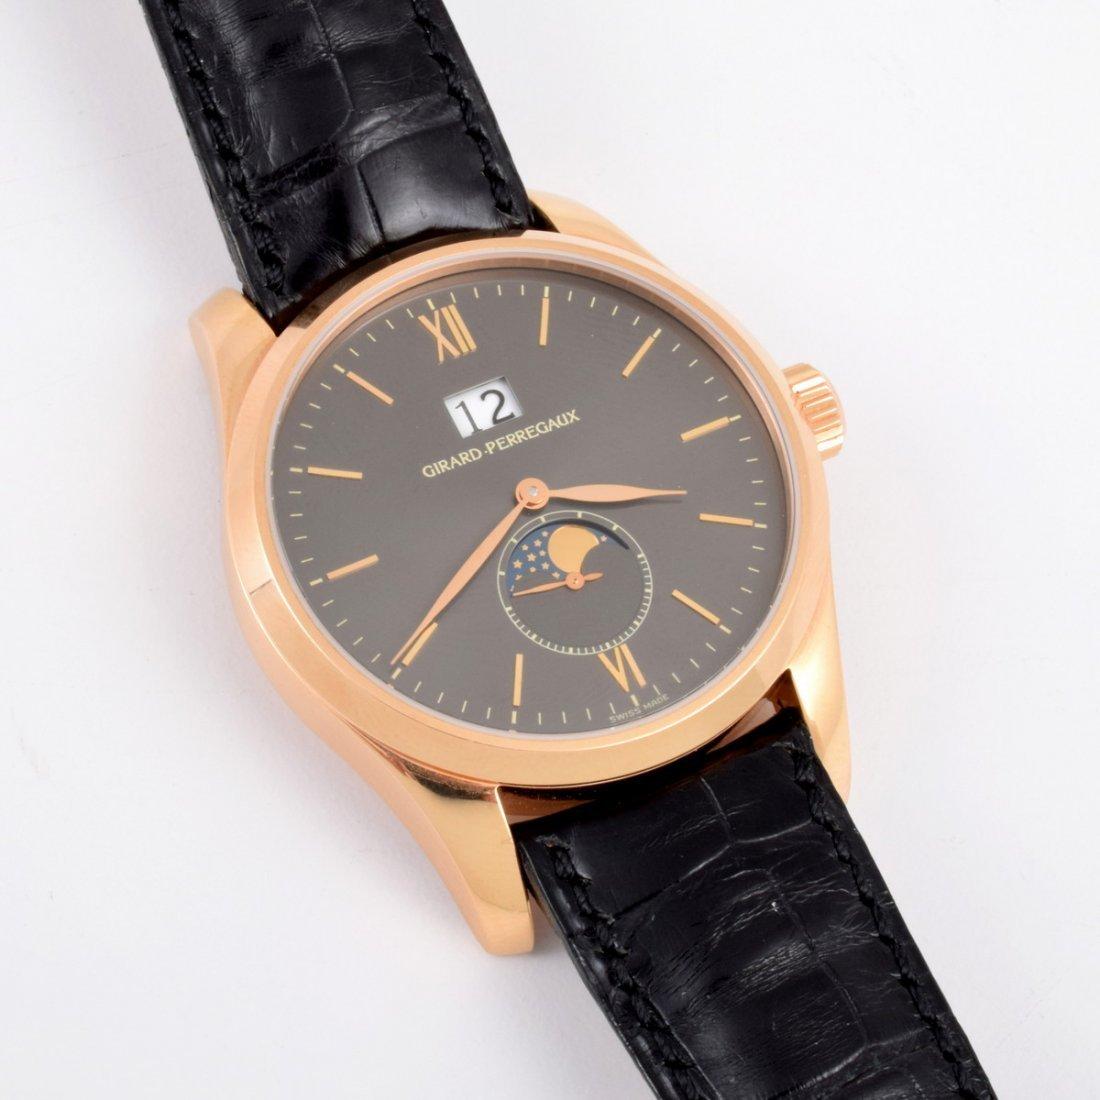 Girard-Perregaux 18K Rose Gold Watch - 4